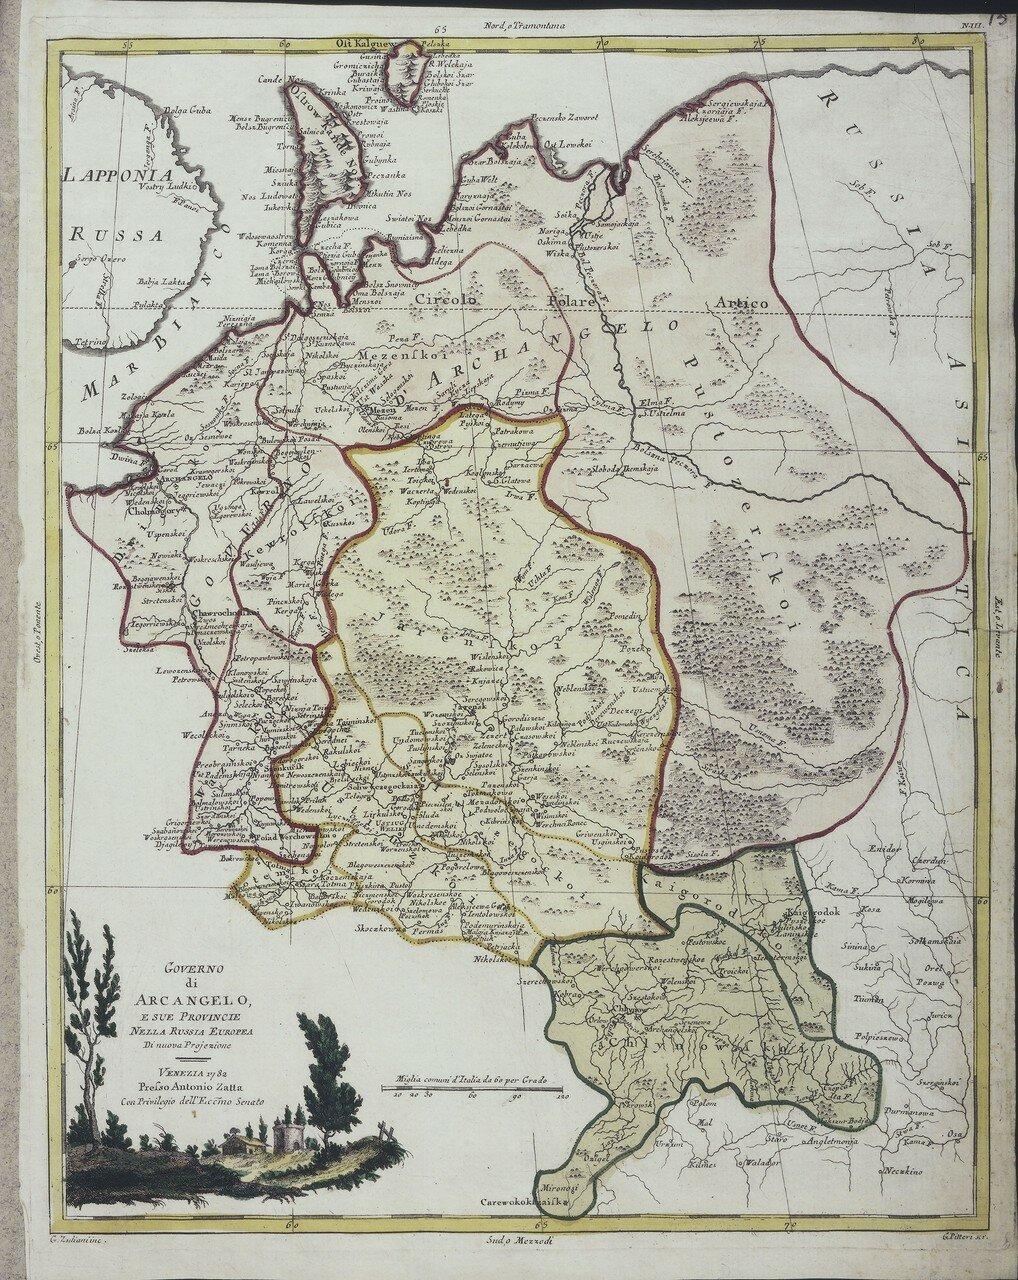 1782. Архангельская губерния в Европейской России